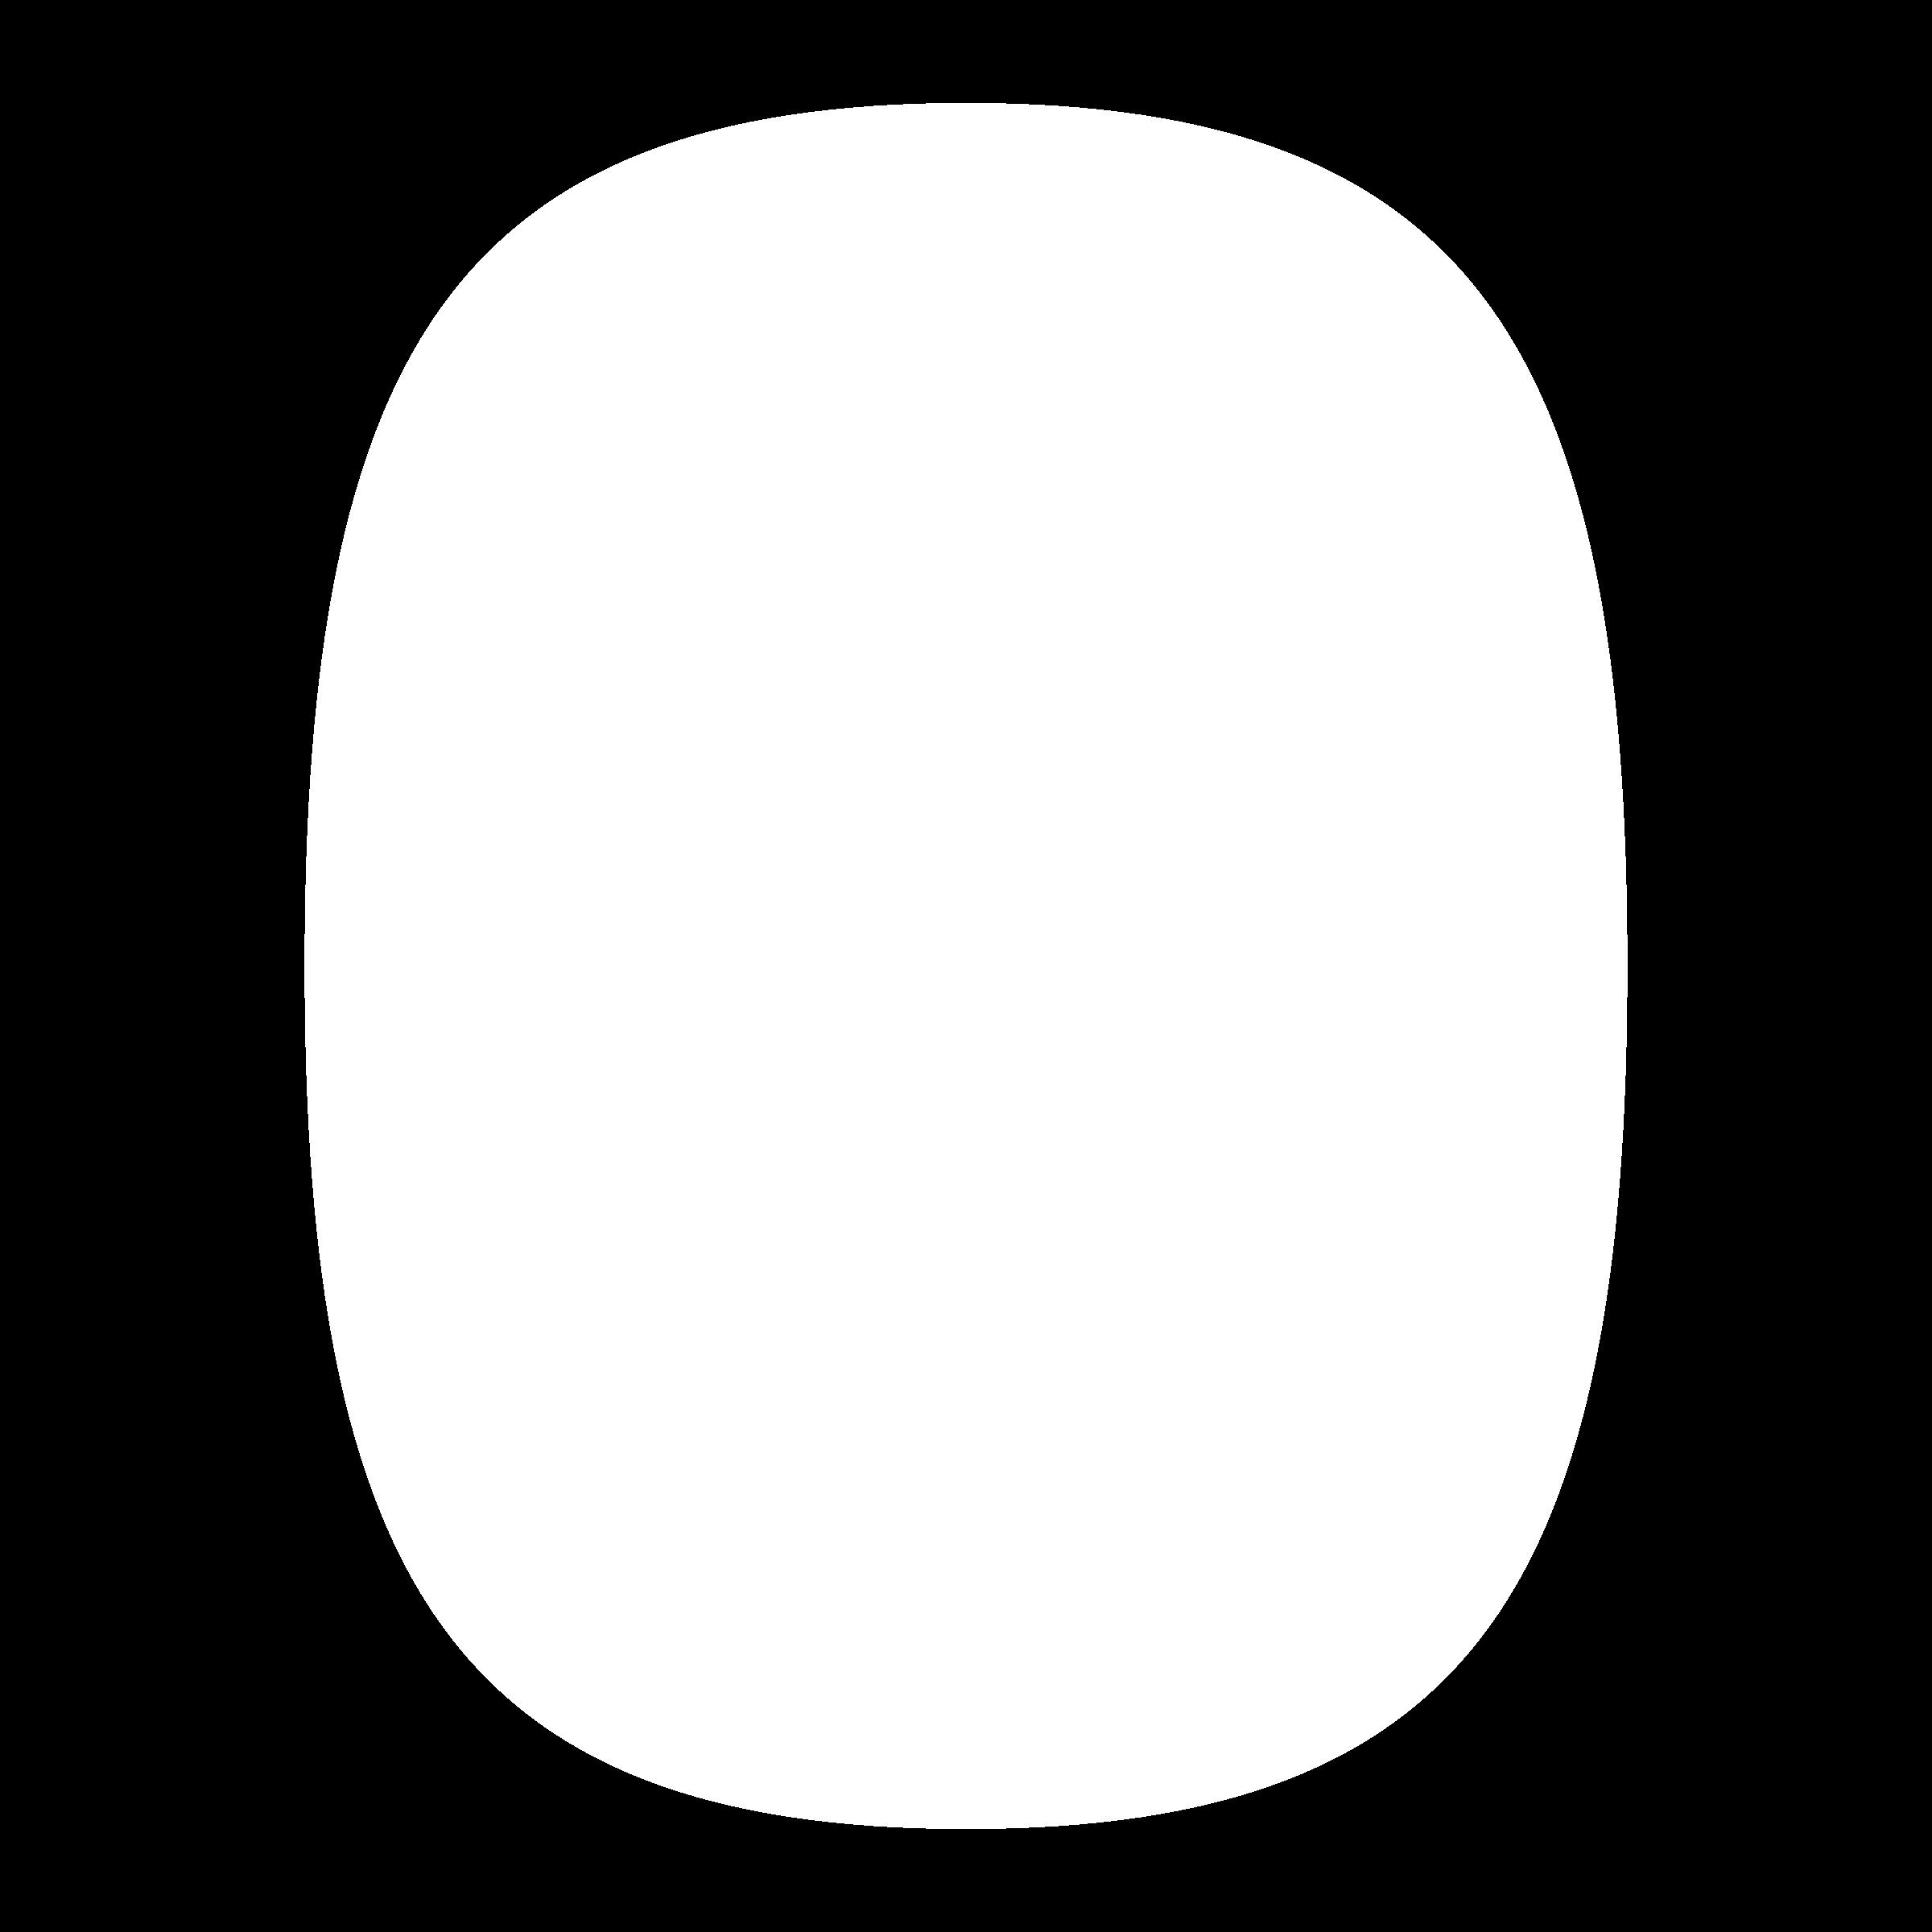 Le Livre De Poche Logo Png Transparent Svg Vector